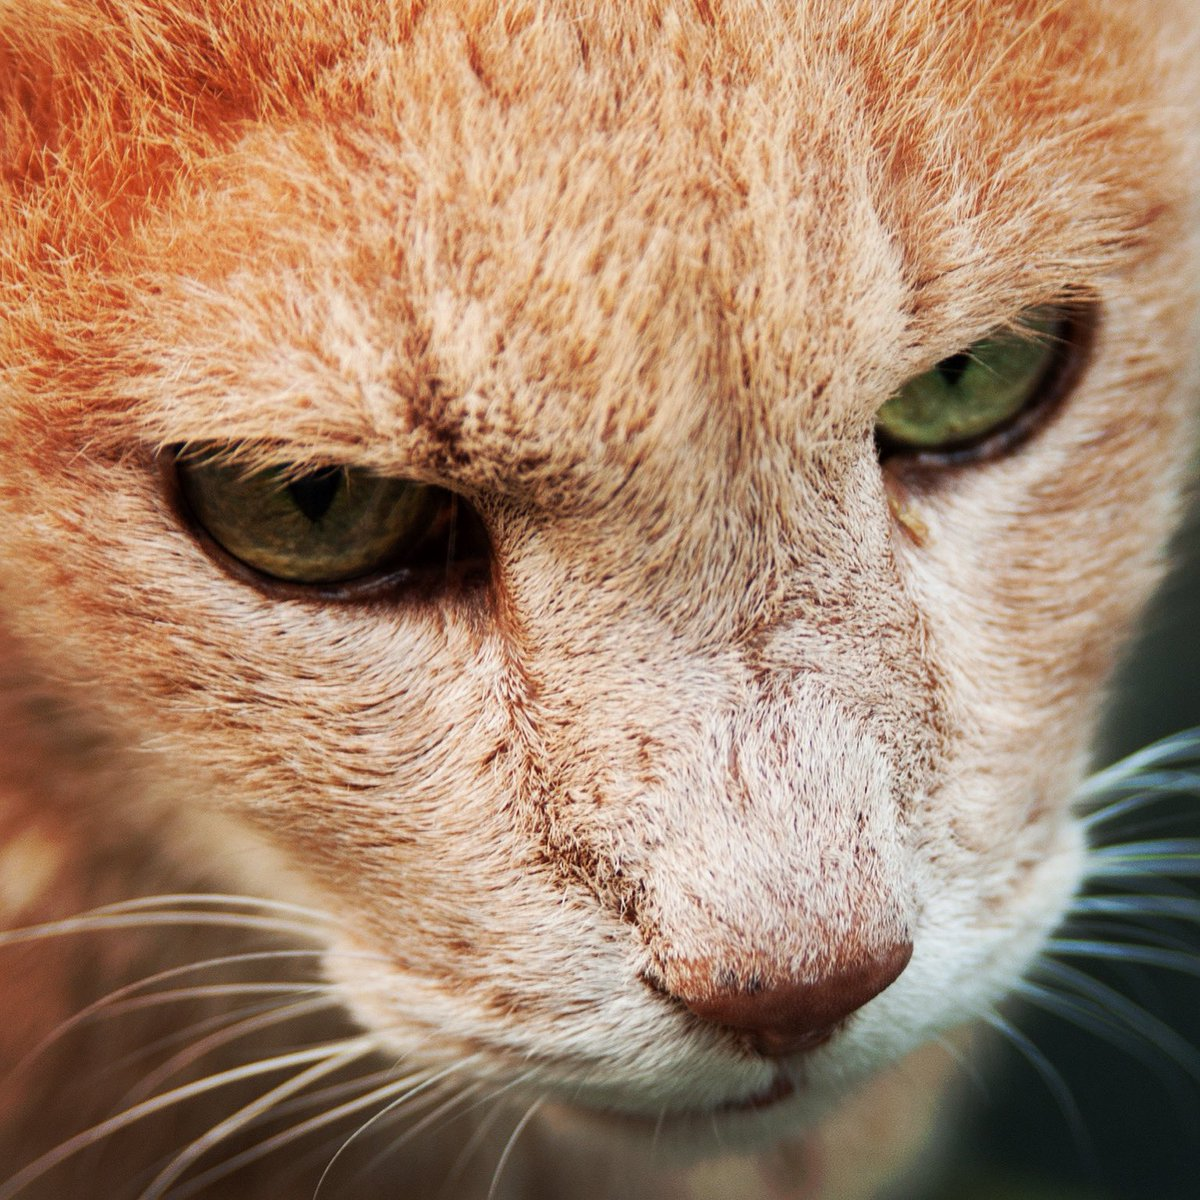 The face  #snapshot #cat #face #写真好きな人と繋がりたい #写真撮ってる人と繋がりたい #キリトリセカイ #ファインダー越しの私の世界 #半径500mのワンダーランド #東京カメラ部 #東京写真部 #pashadelicpic.twitter.com/Ny8SgmiFHA